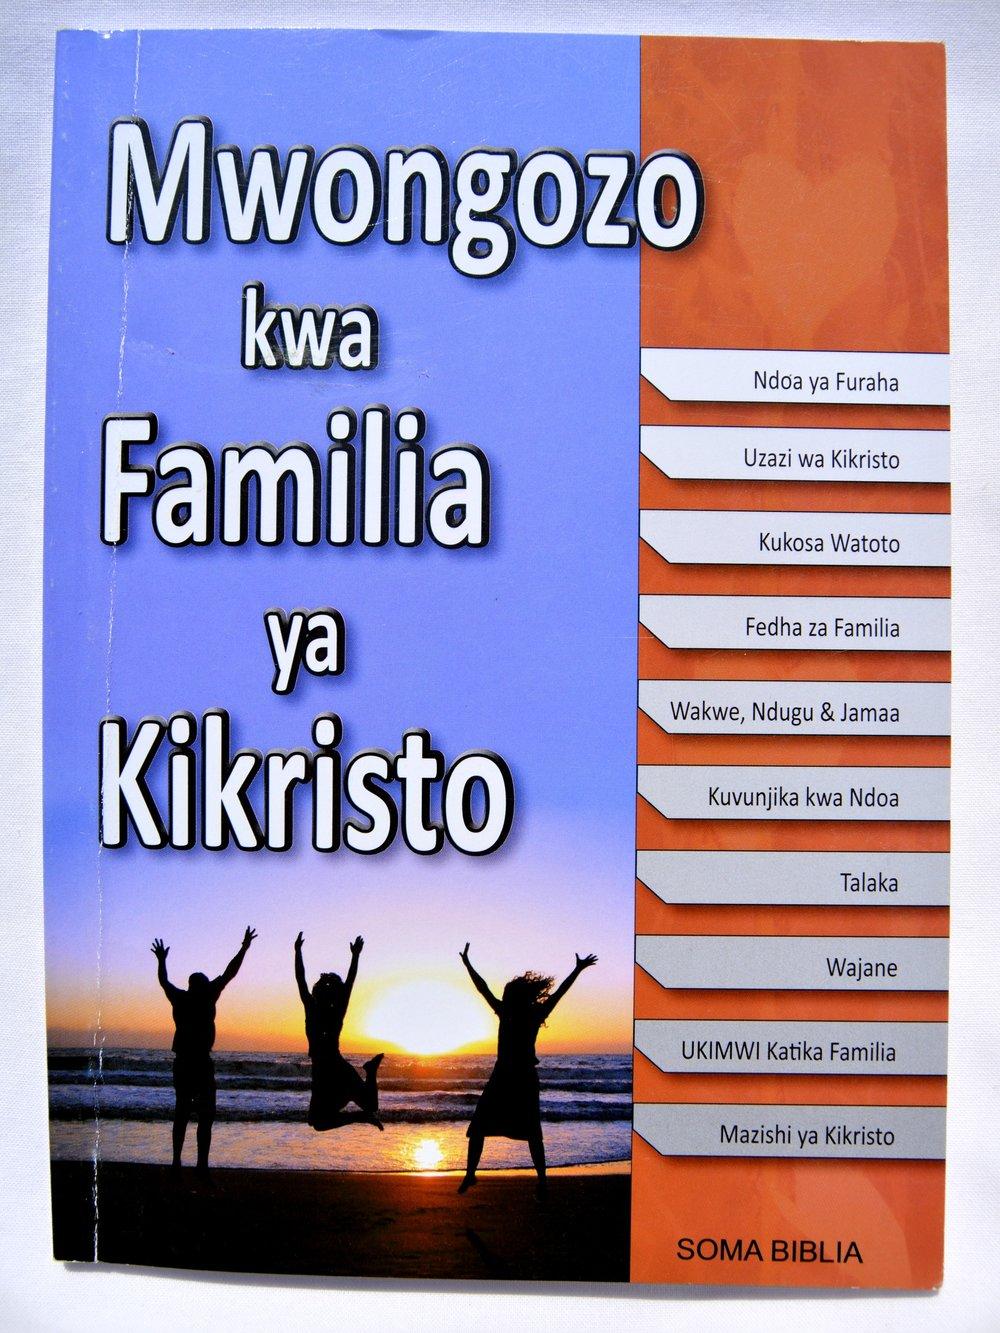 Mwongozo kwa Familia ya Kikristo no.1